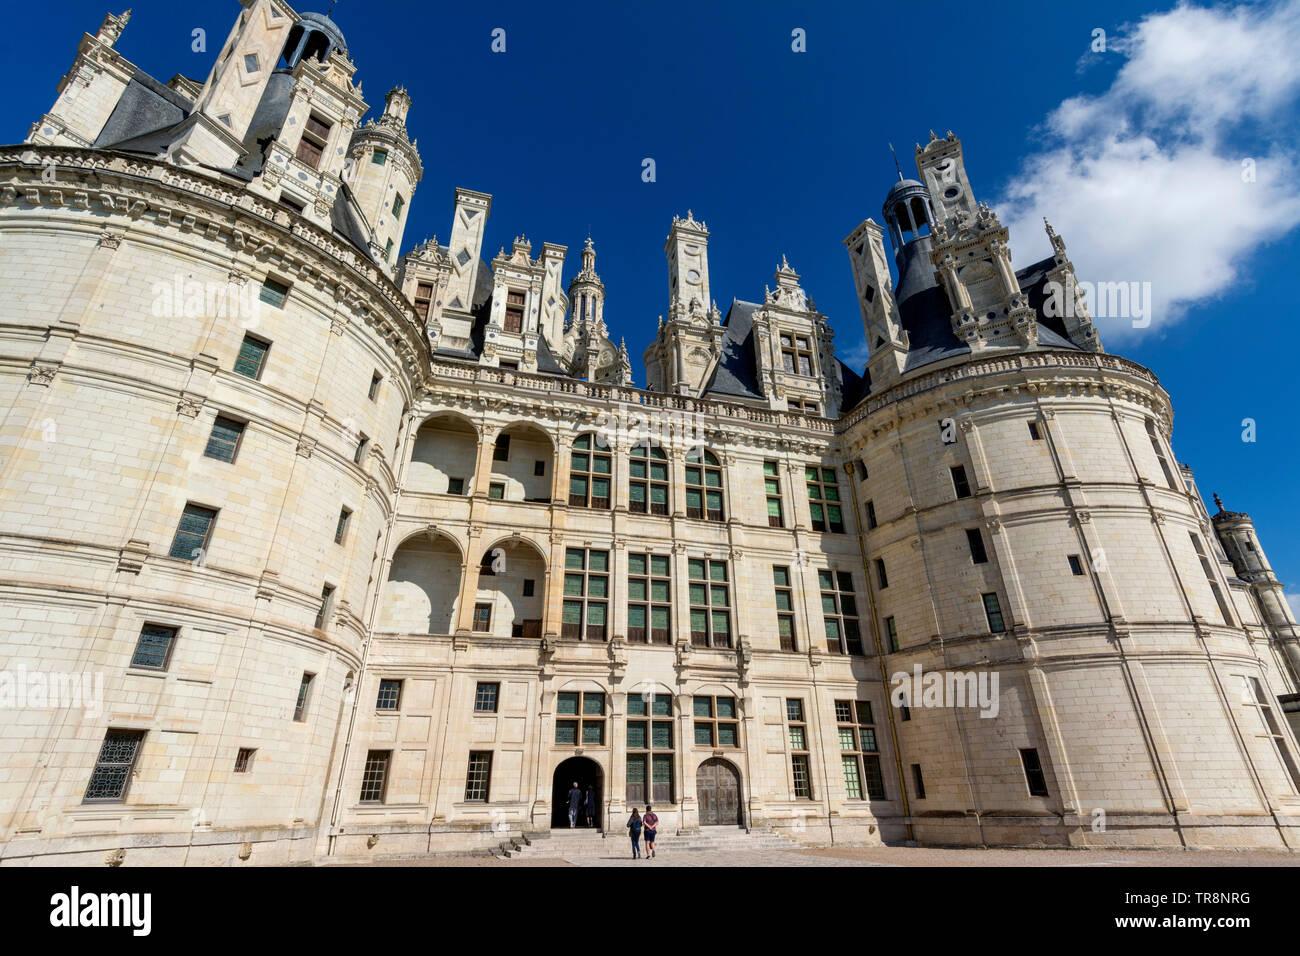 Chateau de Chambord, Loire Valley, Loir-et-Cher department, Centre-Val de Loire, France, Europe Stock Photo